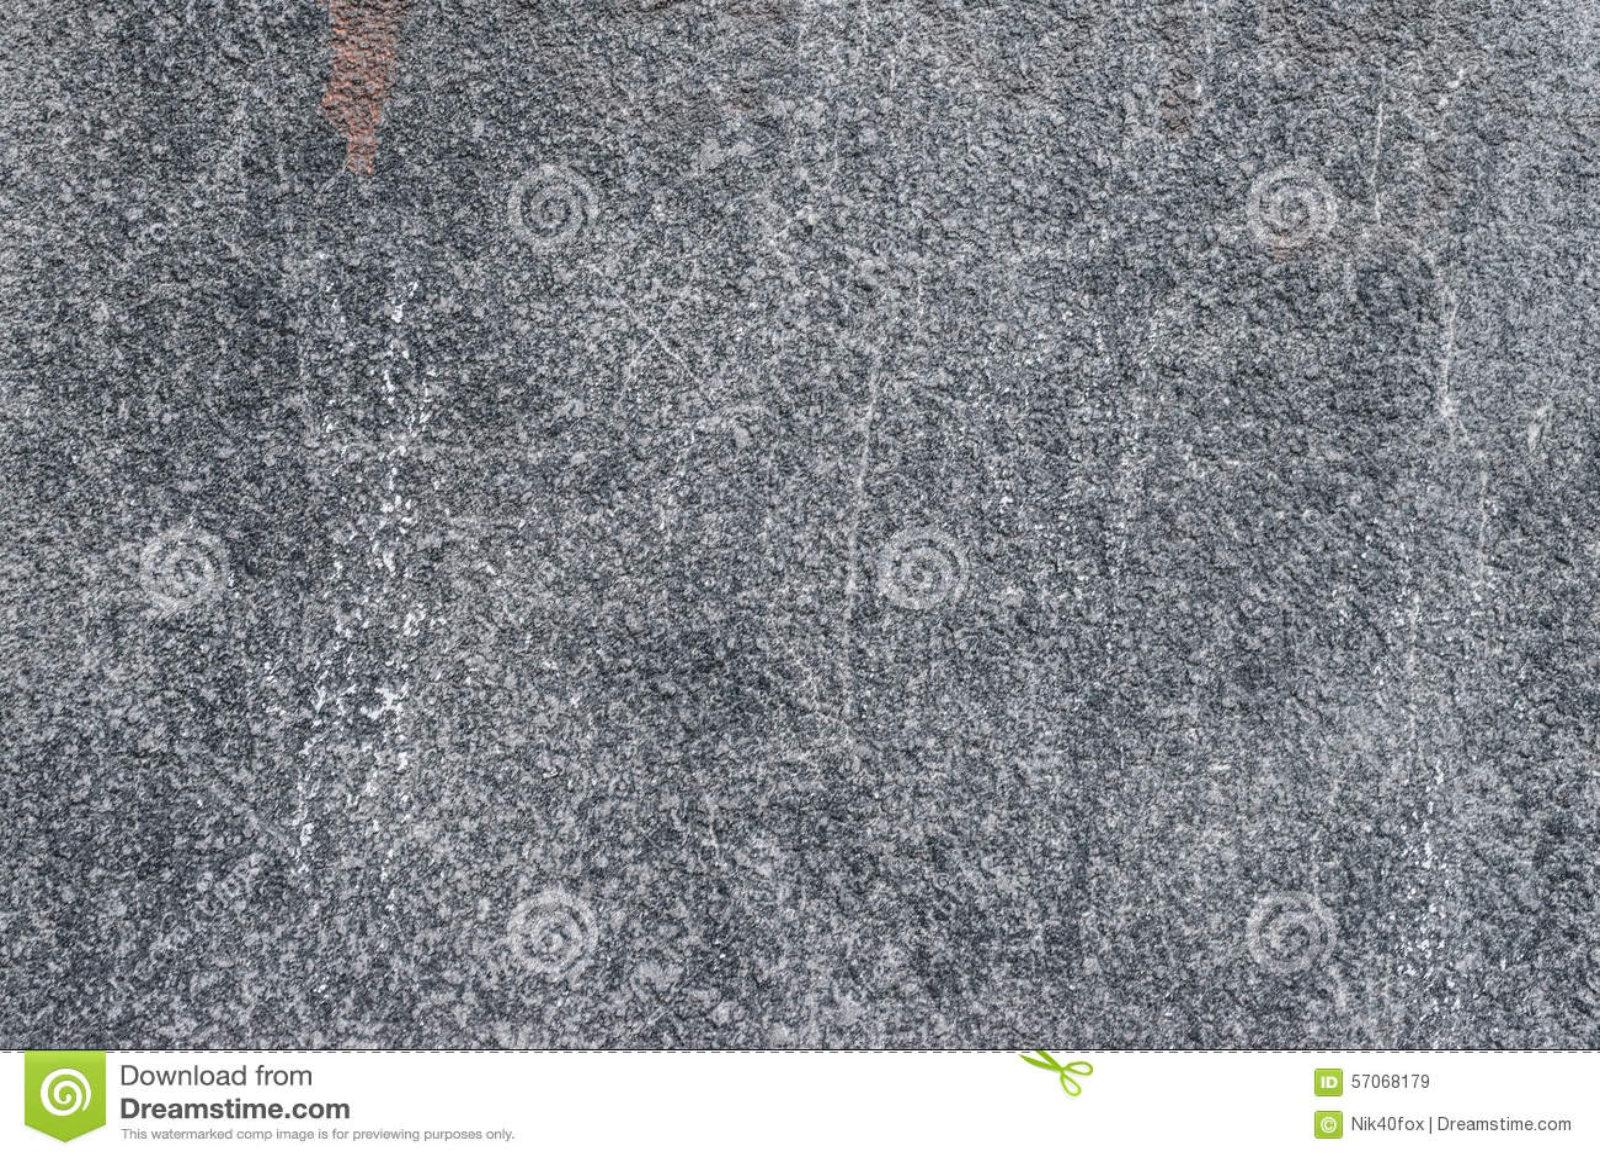 Oude grunge abstracte concrete textuur met deuken